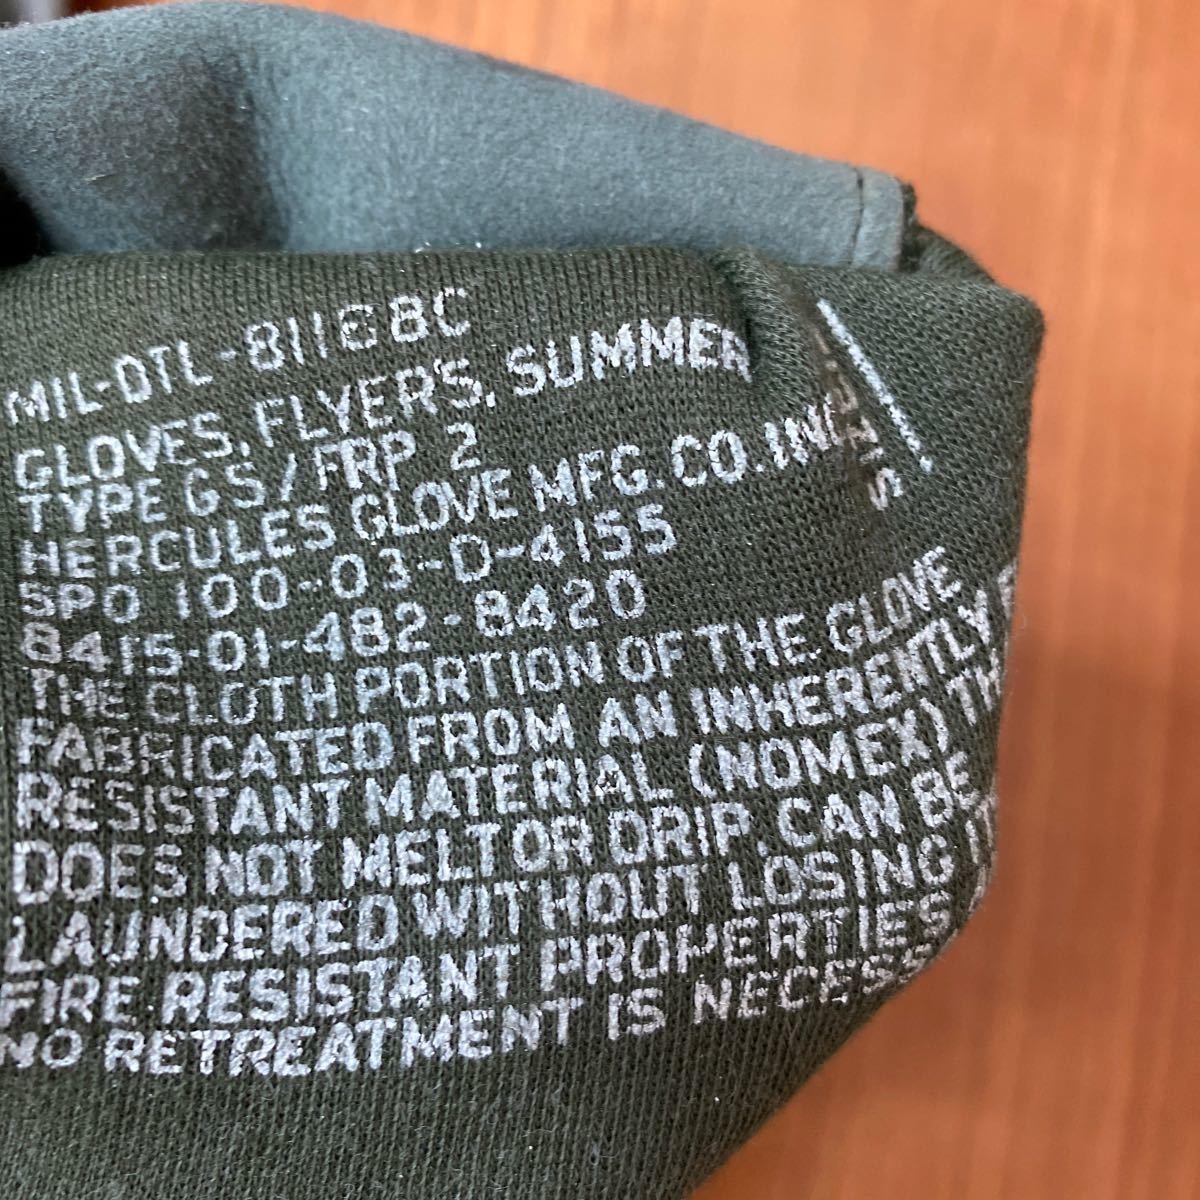 米軍実物 Nomex フライト サマー グローブ Gloves Flyers フライトギア レザーグローブ 手袋 ノーメックス 革手袋 ミリタリー パイロット_画像4